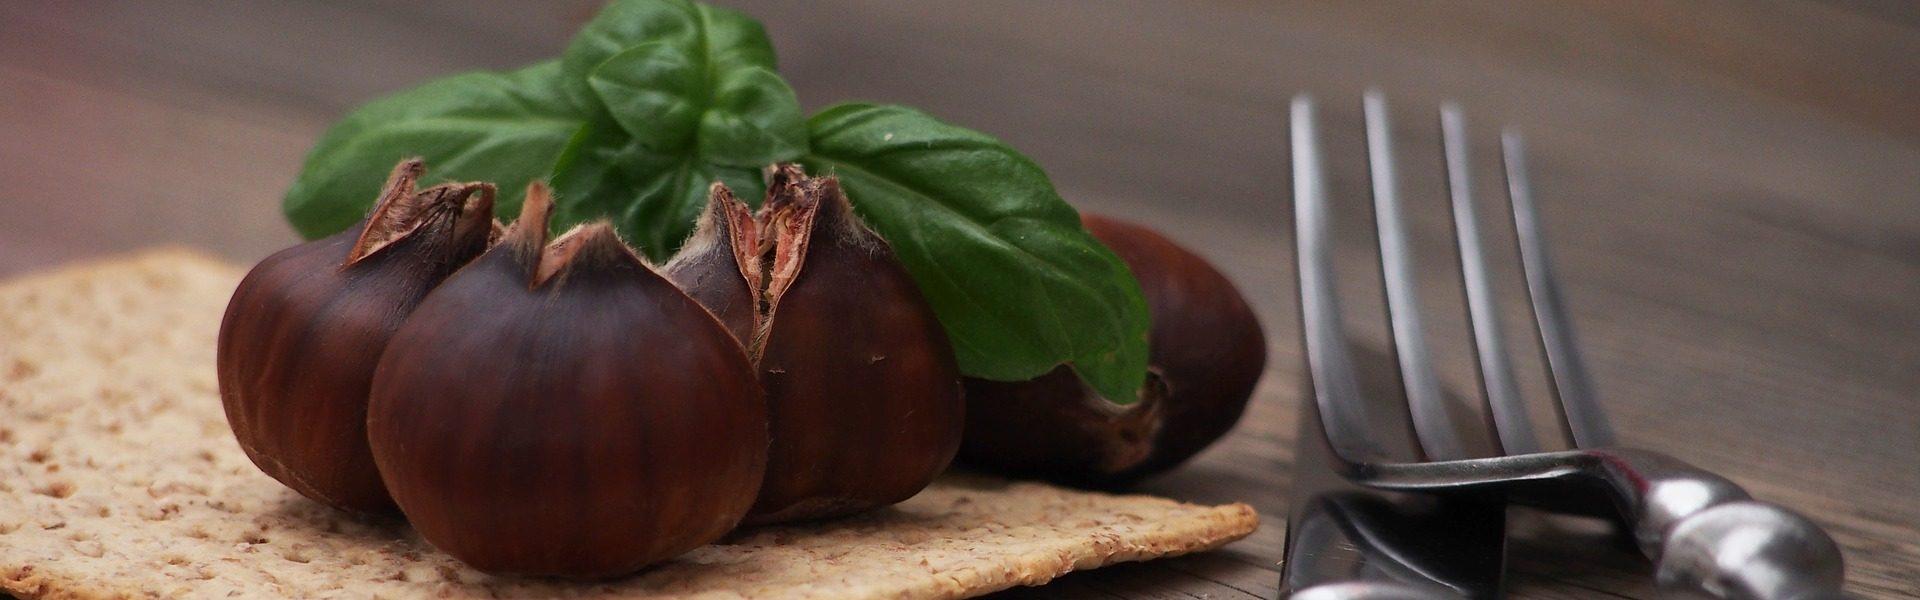 Header Bild Rezepttipp von der Gemüsekiste: Rotkohl mit Kastanien